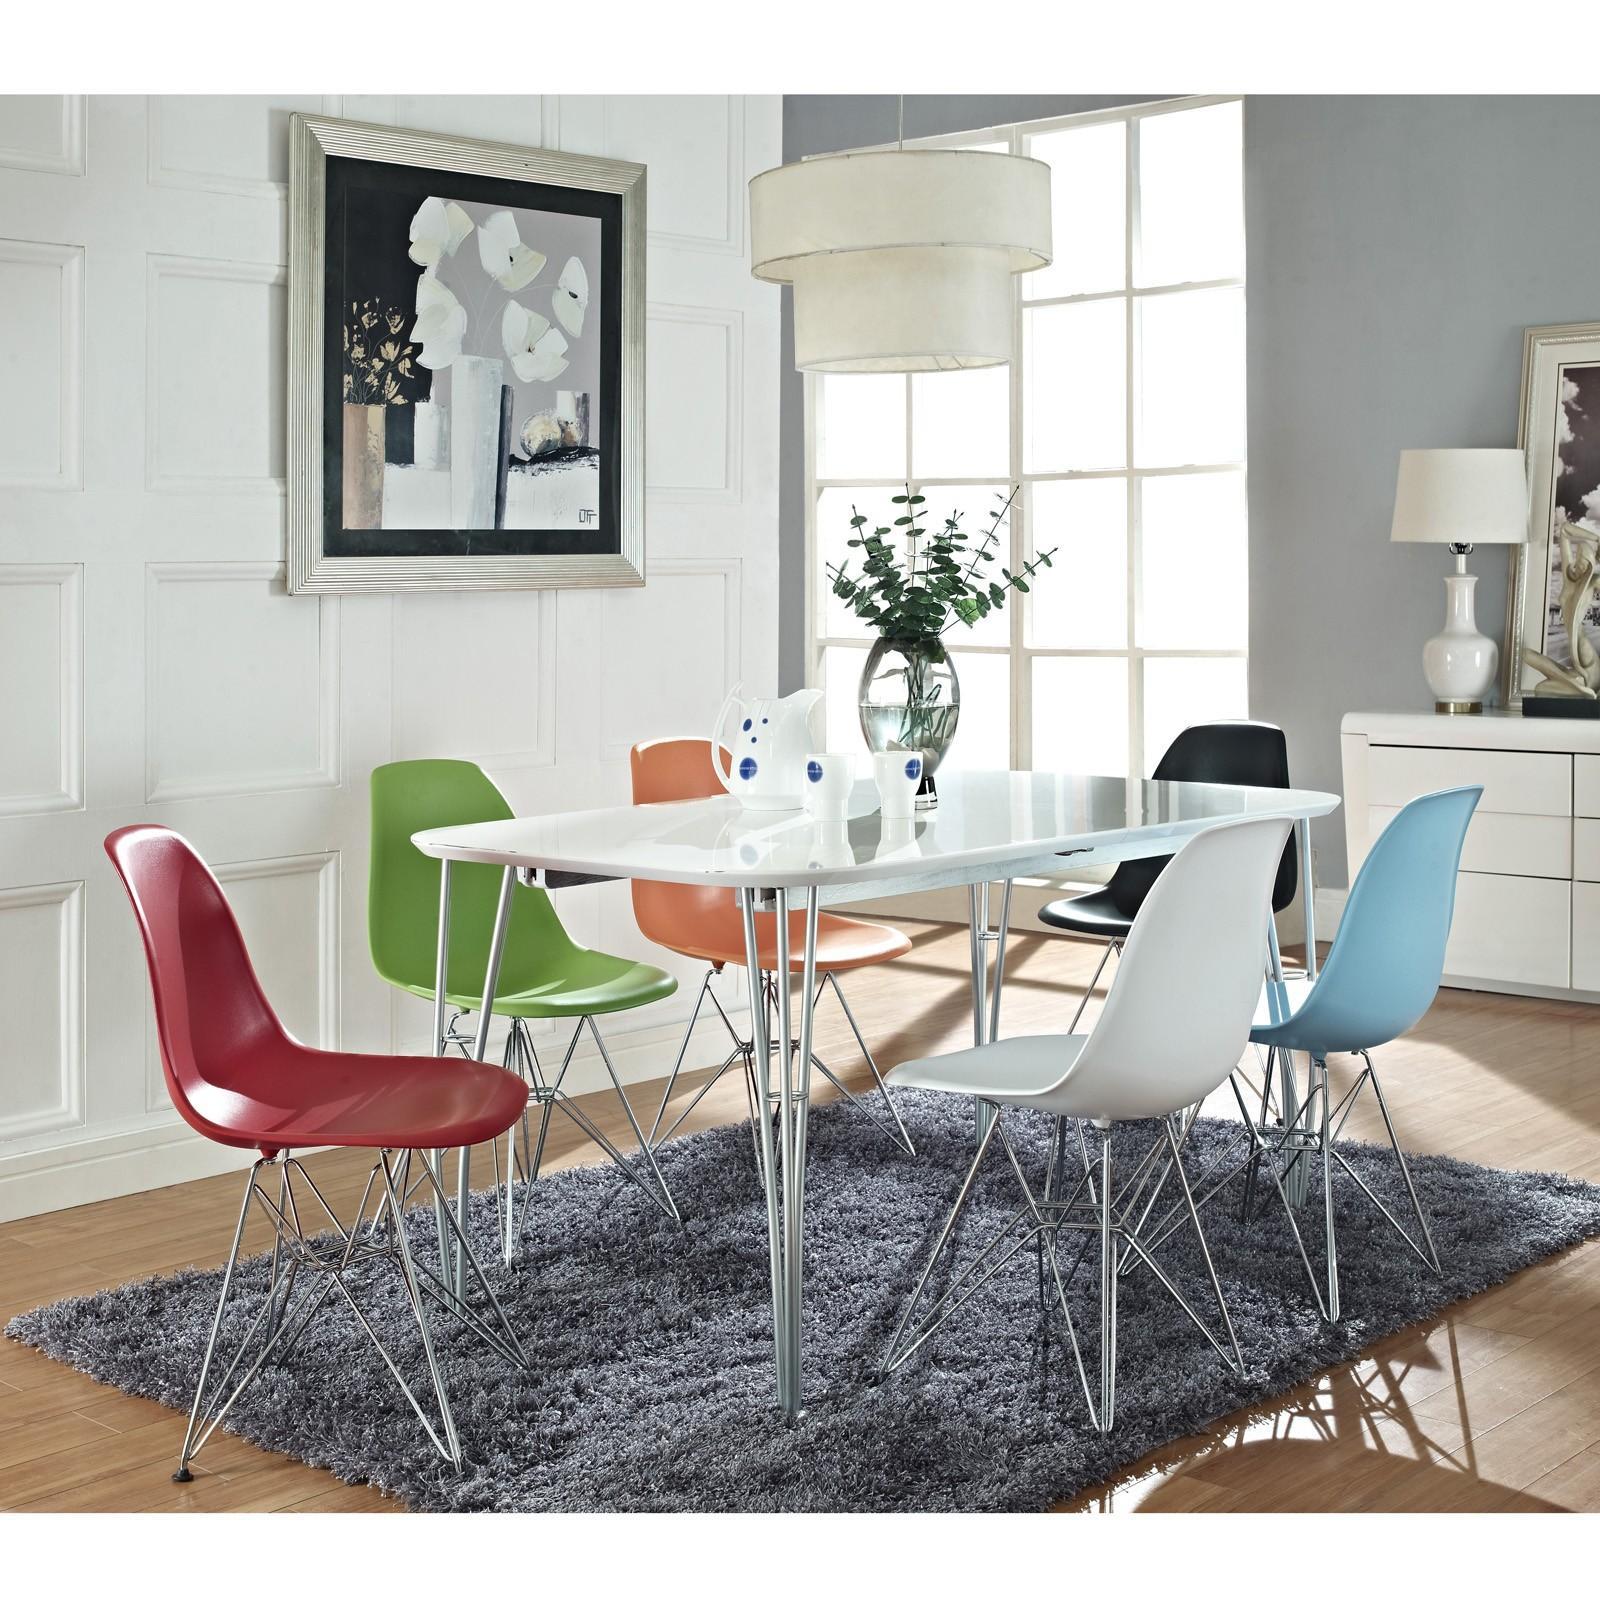 Dizajnové stoličky - Úžasne komfortná stolička Eiffel Chair, ktorá patrí k Eamesovým najznámejším dizajnom. Je vyrobená z plastu a oceľových nožičiek.